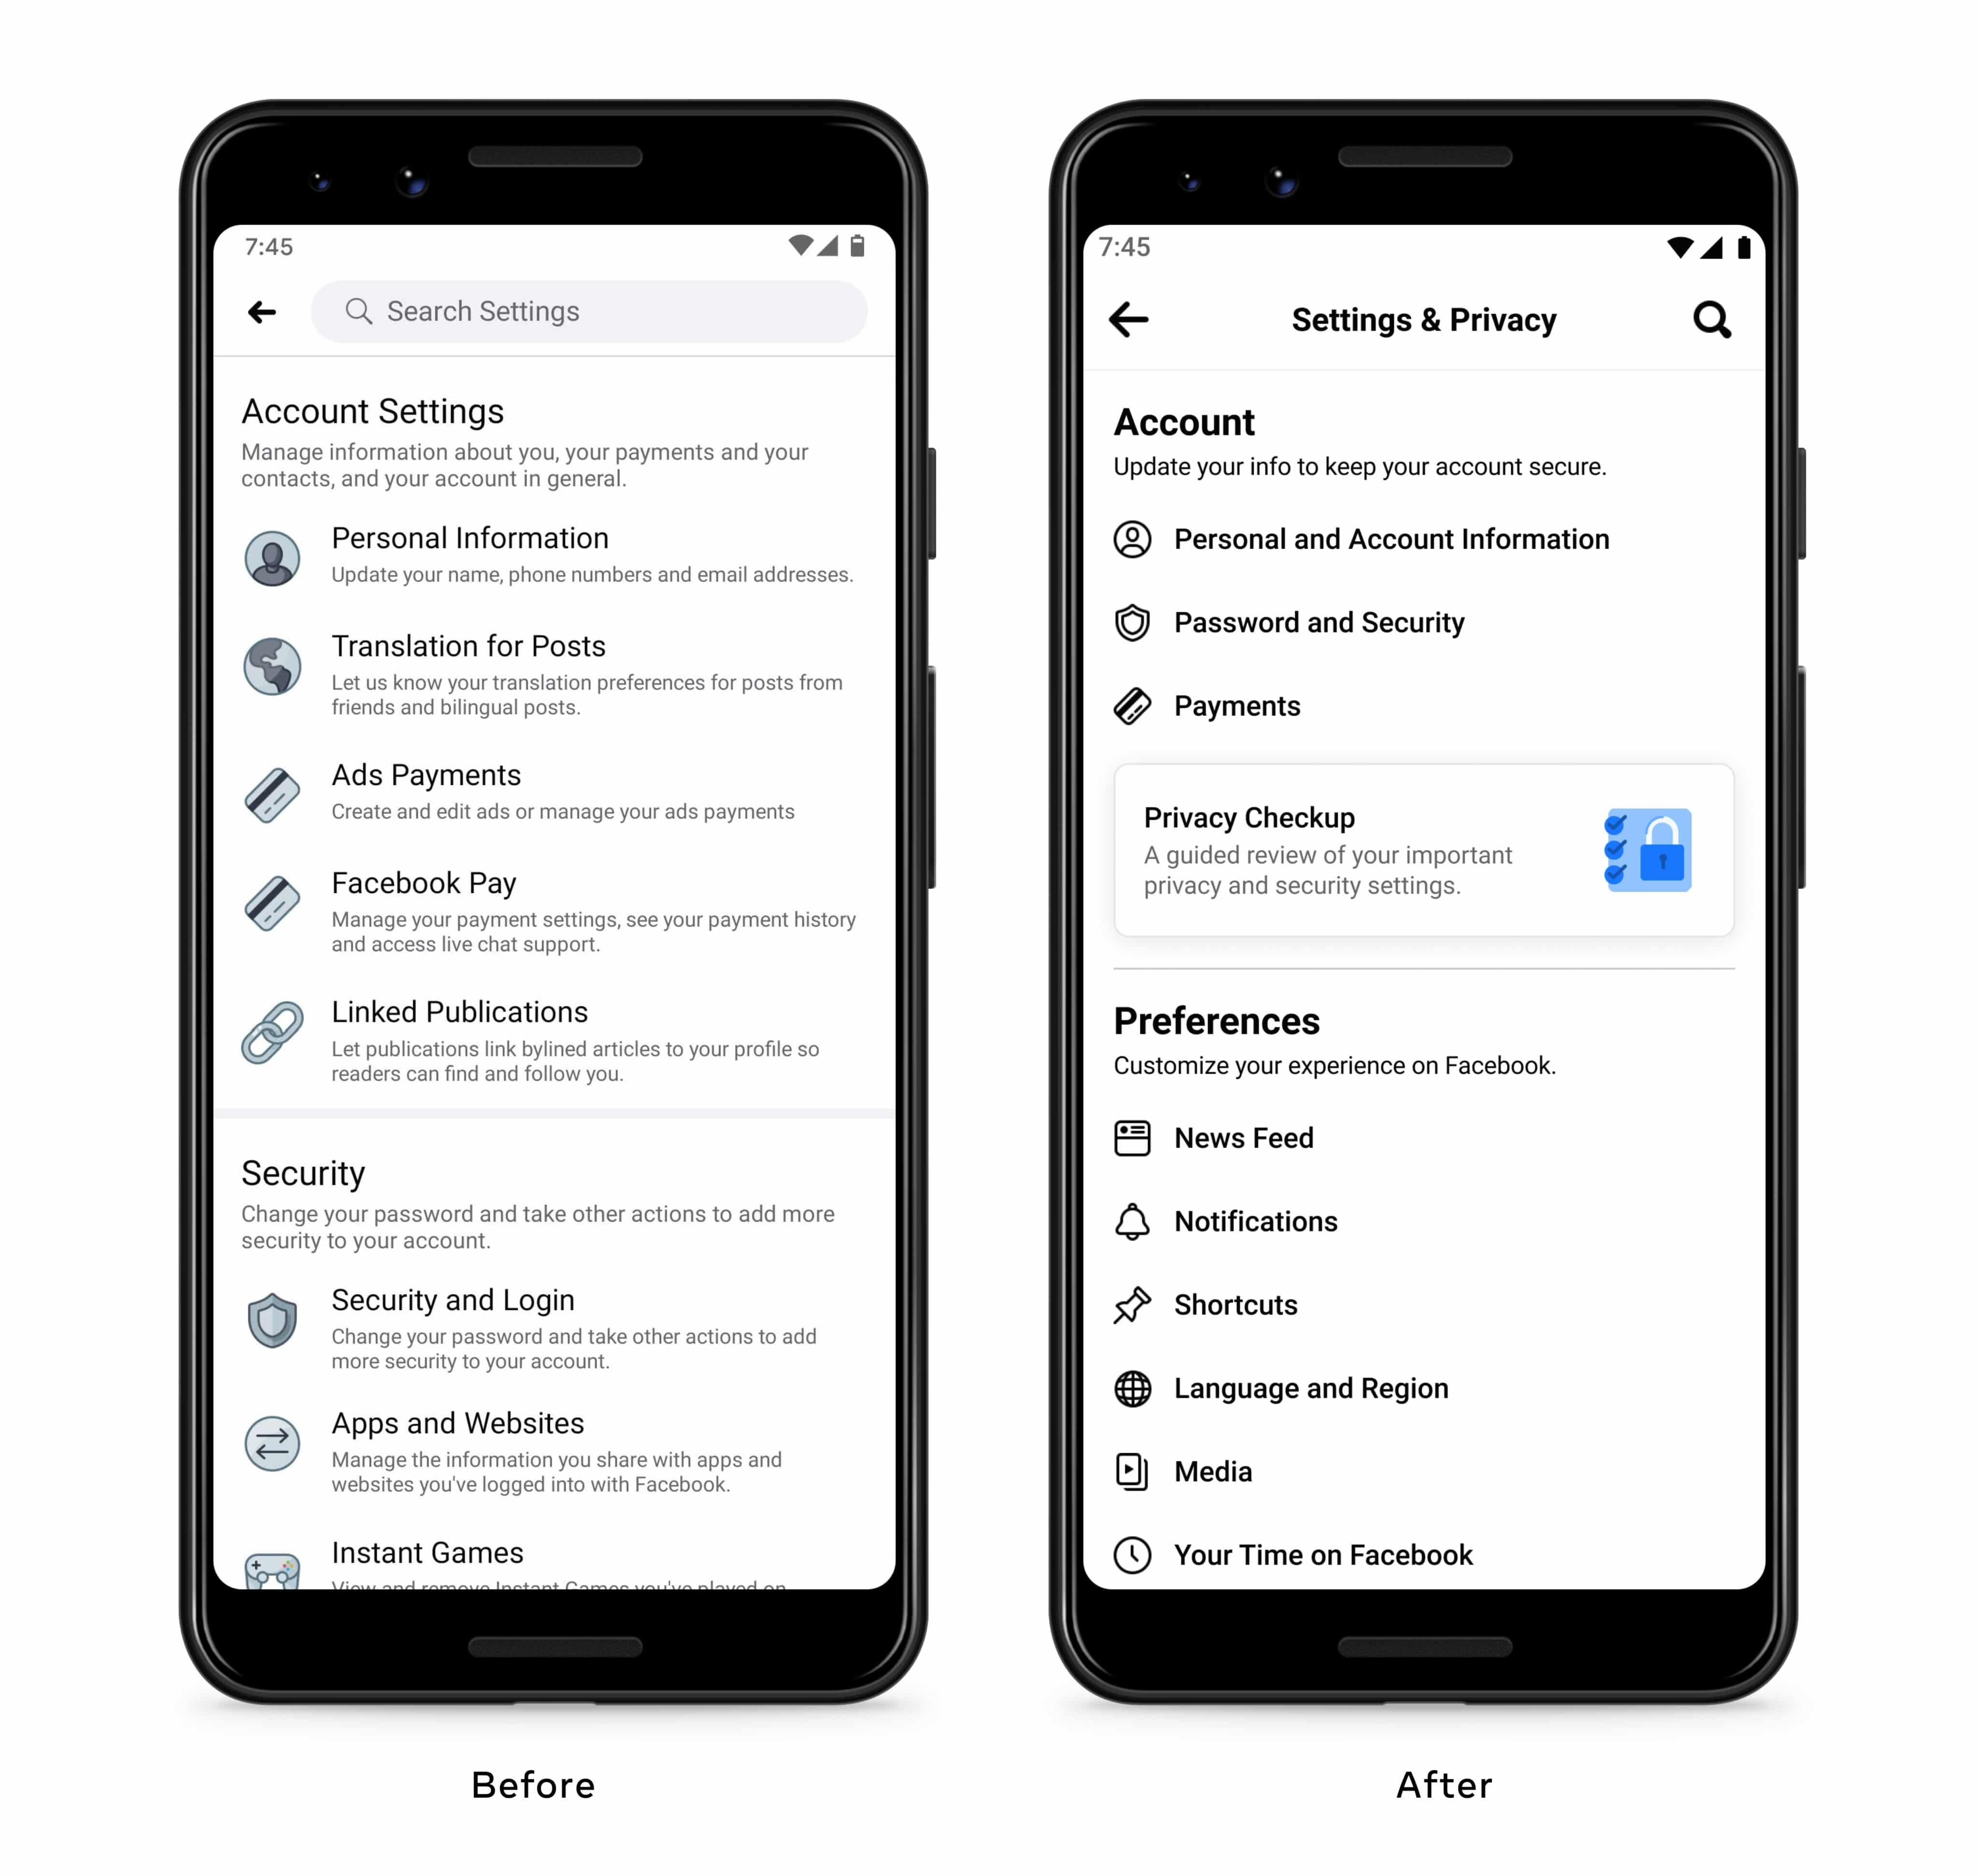 Novo menu das configurações do Facebook